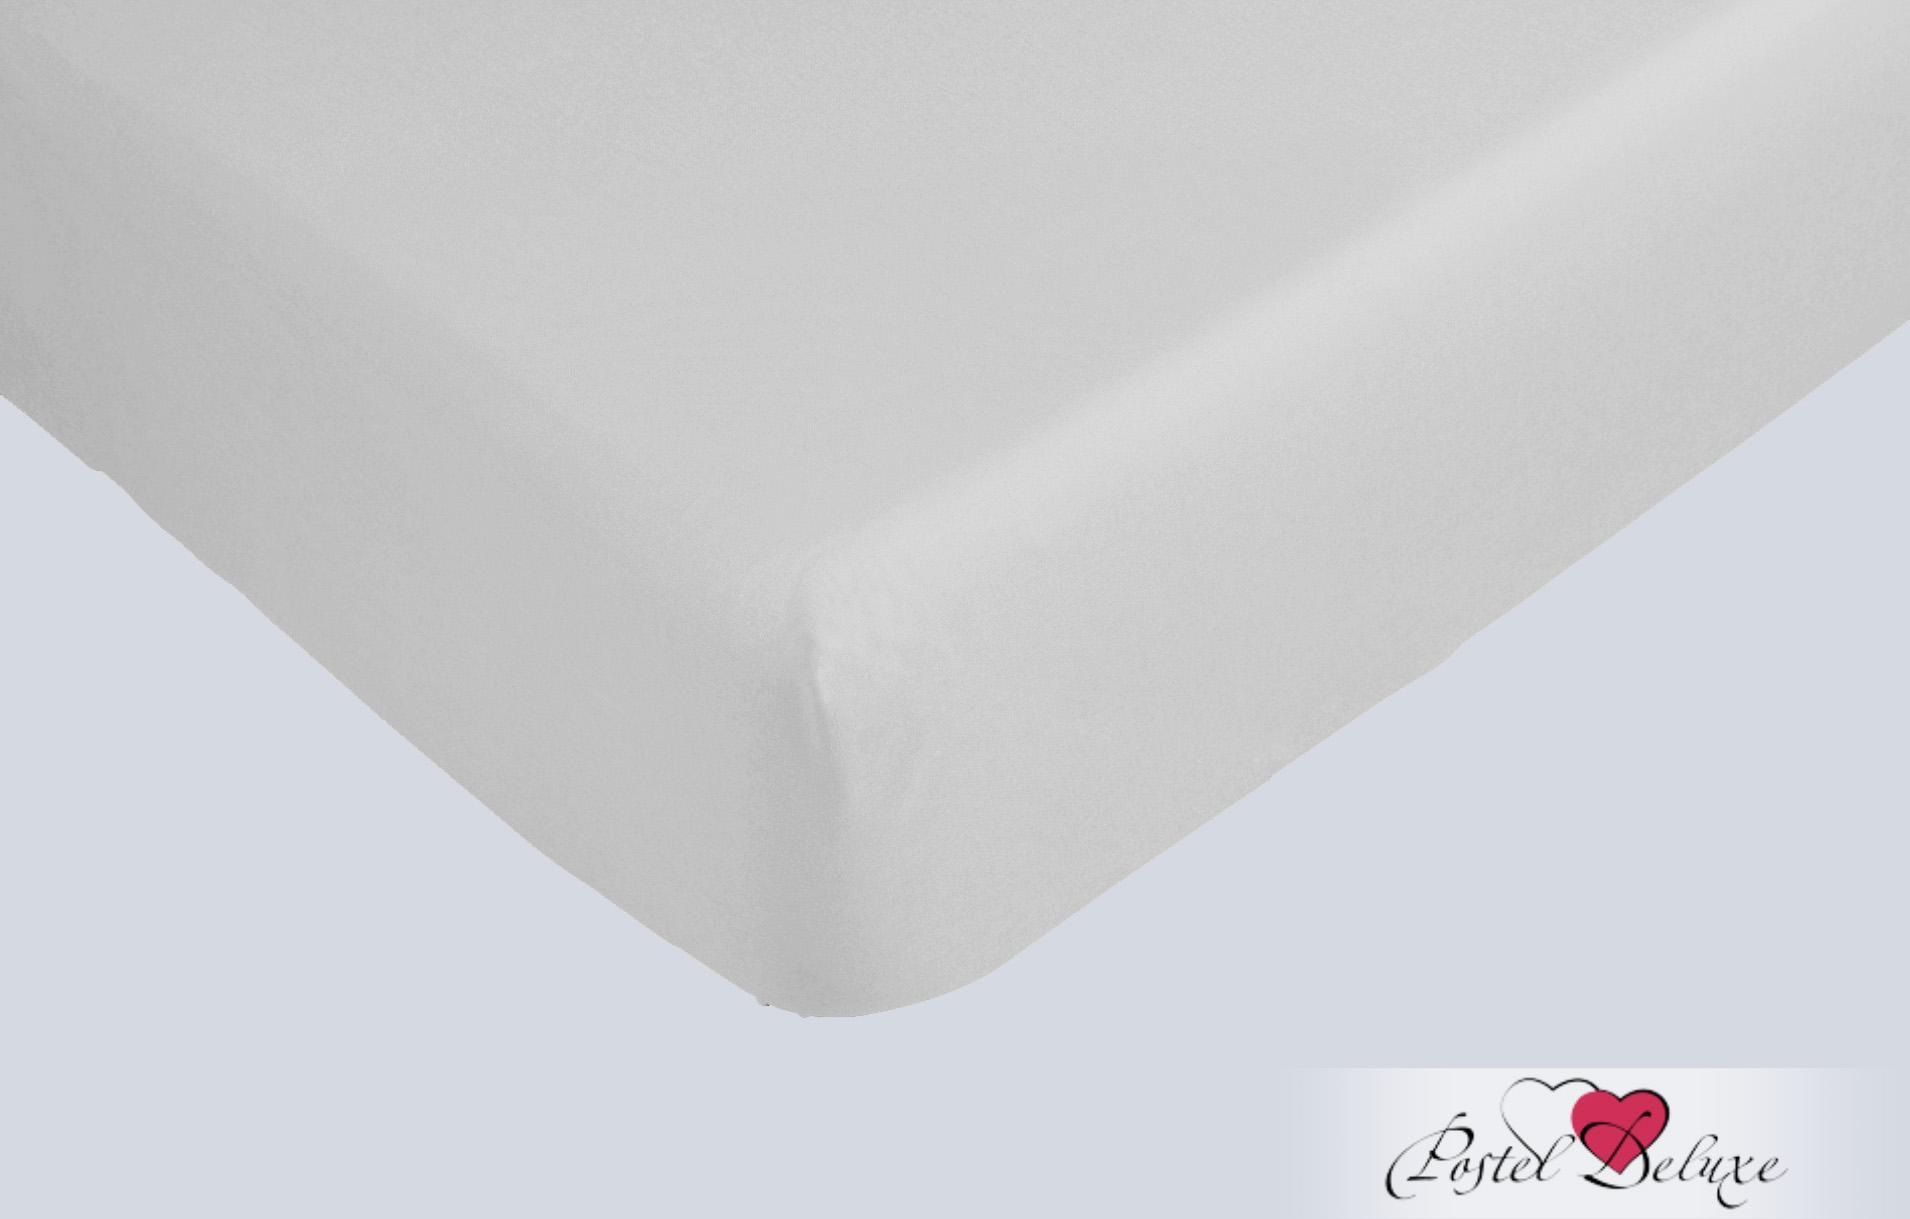 Простыни на резинке BoleroПростыни на резинке<br>Производитель: Bolero<br>Страна производства: Чехия<br>Материал: Джерси<br>Состав: 100% хлопок<br>Размер простыни: 180х200<br>Высота бортика: 20 см<br>Тип простыни: На резинке<br>Упаковка: Полиэтиленовый пакет<br><br>Тип: простыня<br>Размерность комплекта: None<br>Материал: Джерси<br>Размер наволочки: None<br>Подарочная упаковка: None<br>Для детей: нет<br>Ткань: Джерси<br>Цвет: Серый